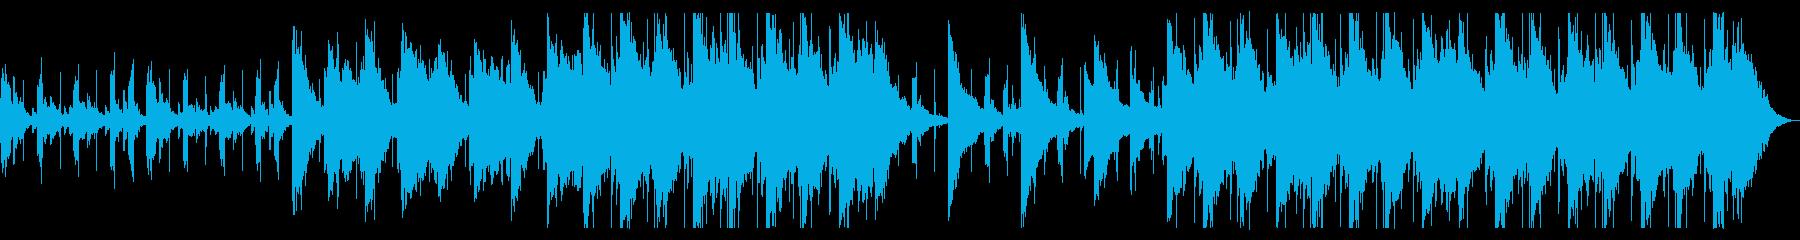 ふわふわとしたチルBGM_2の再生済みの波形